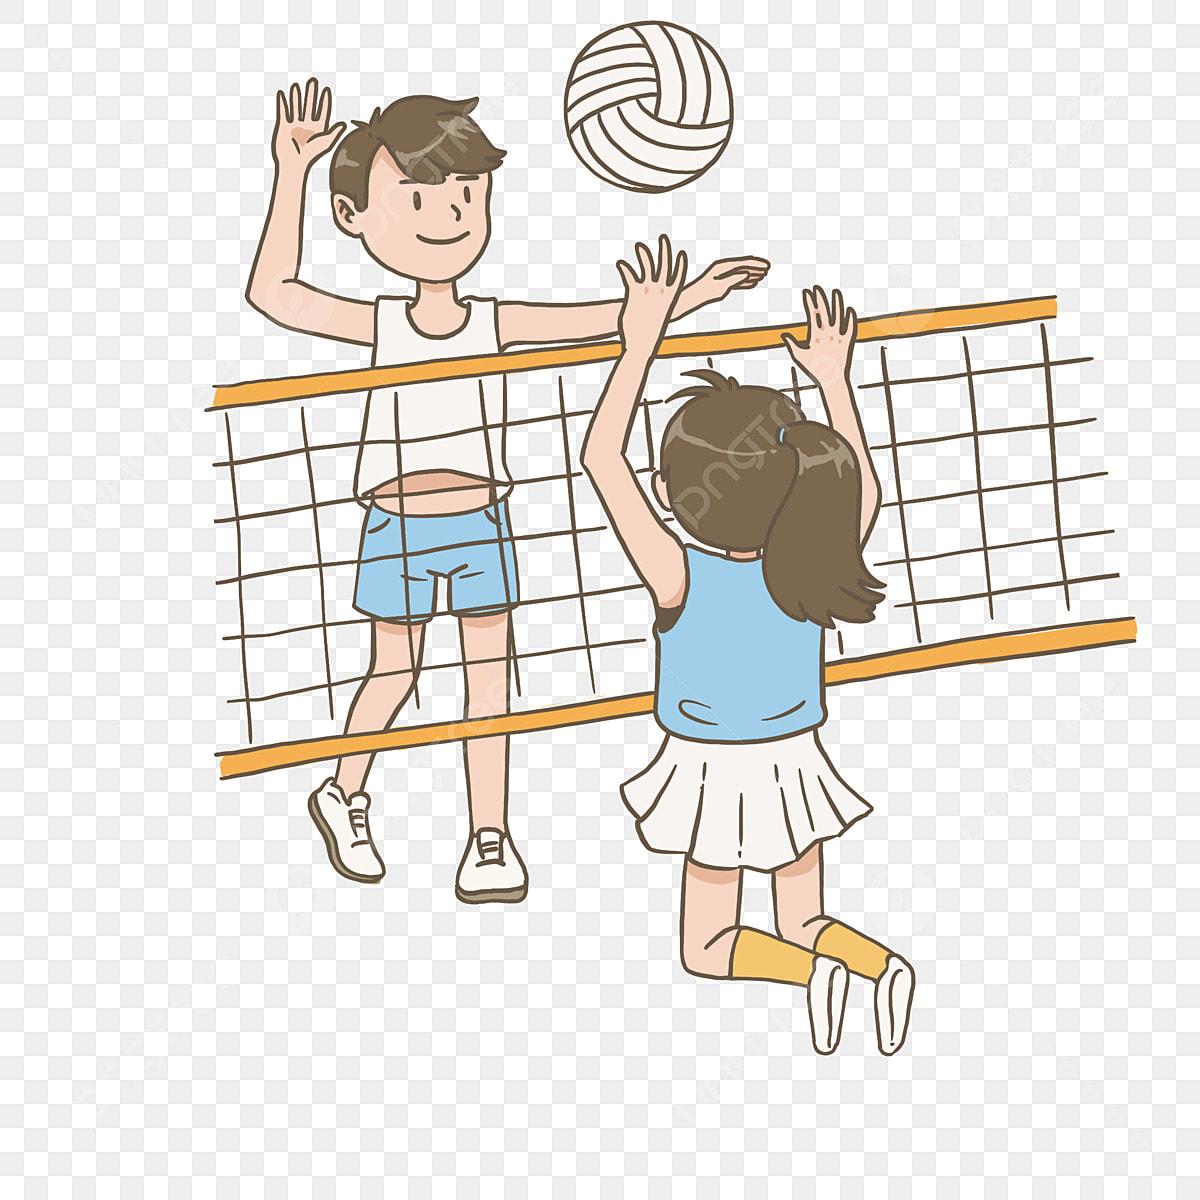 брак мультяшные картинки волейбола основном это